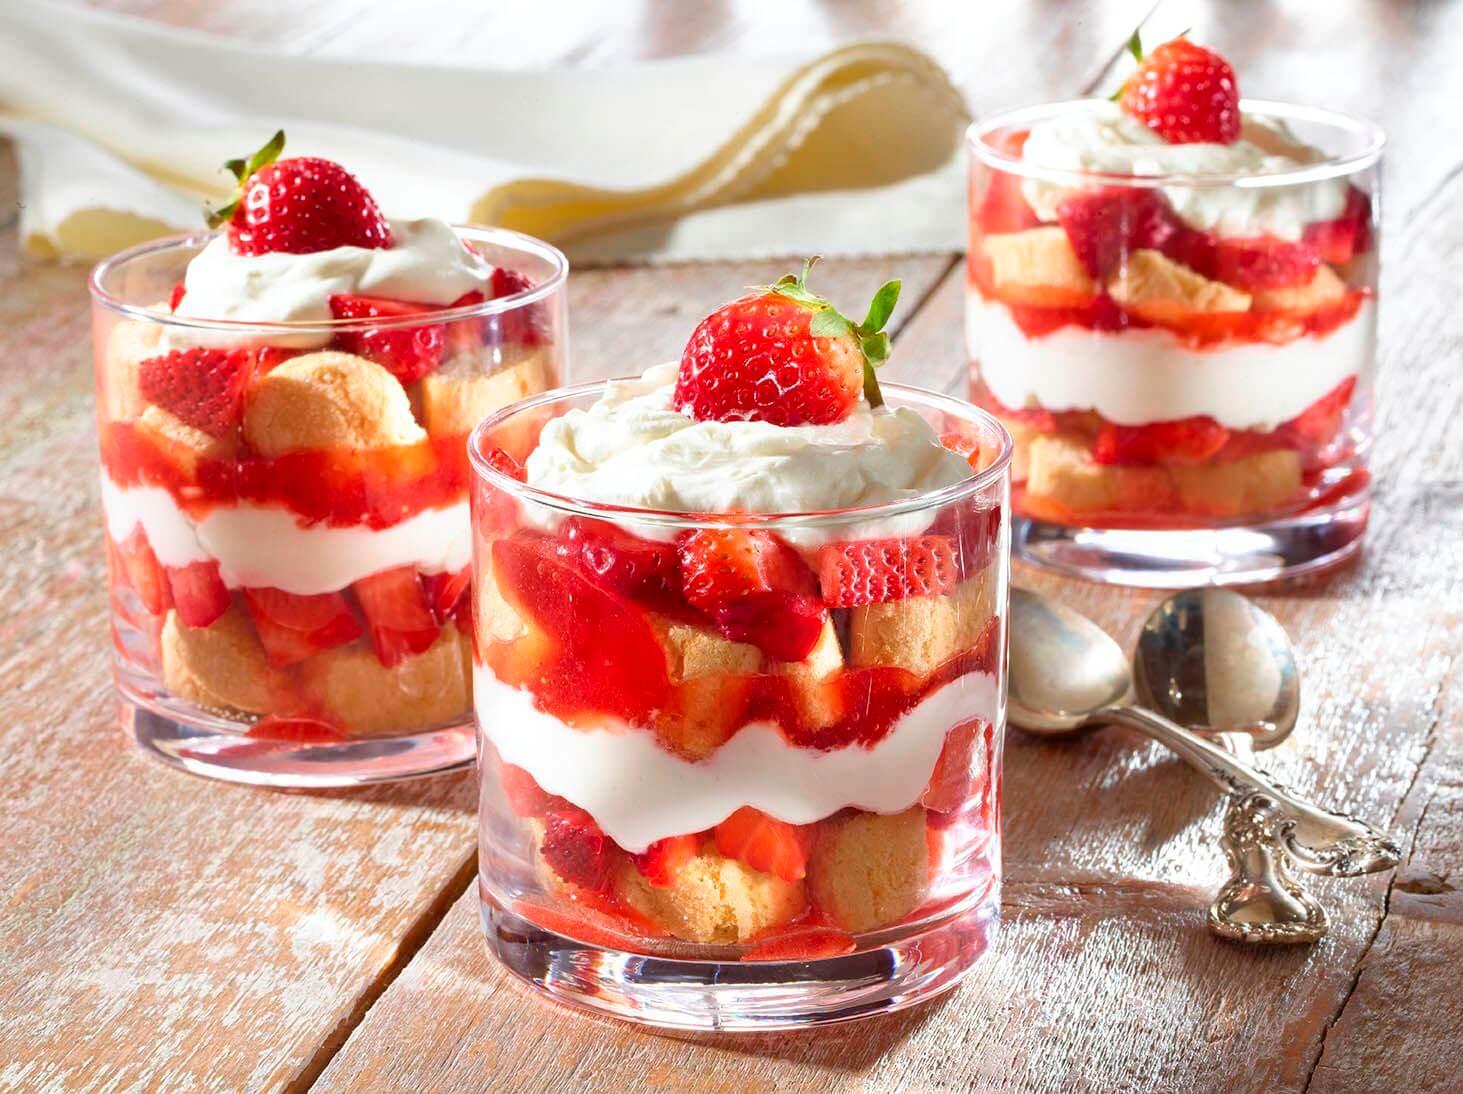 маскарпоне рецепты десертов с фото простые целью дальнейшего